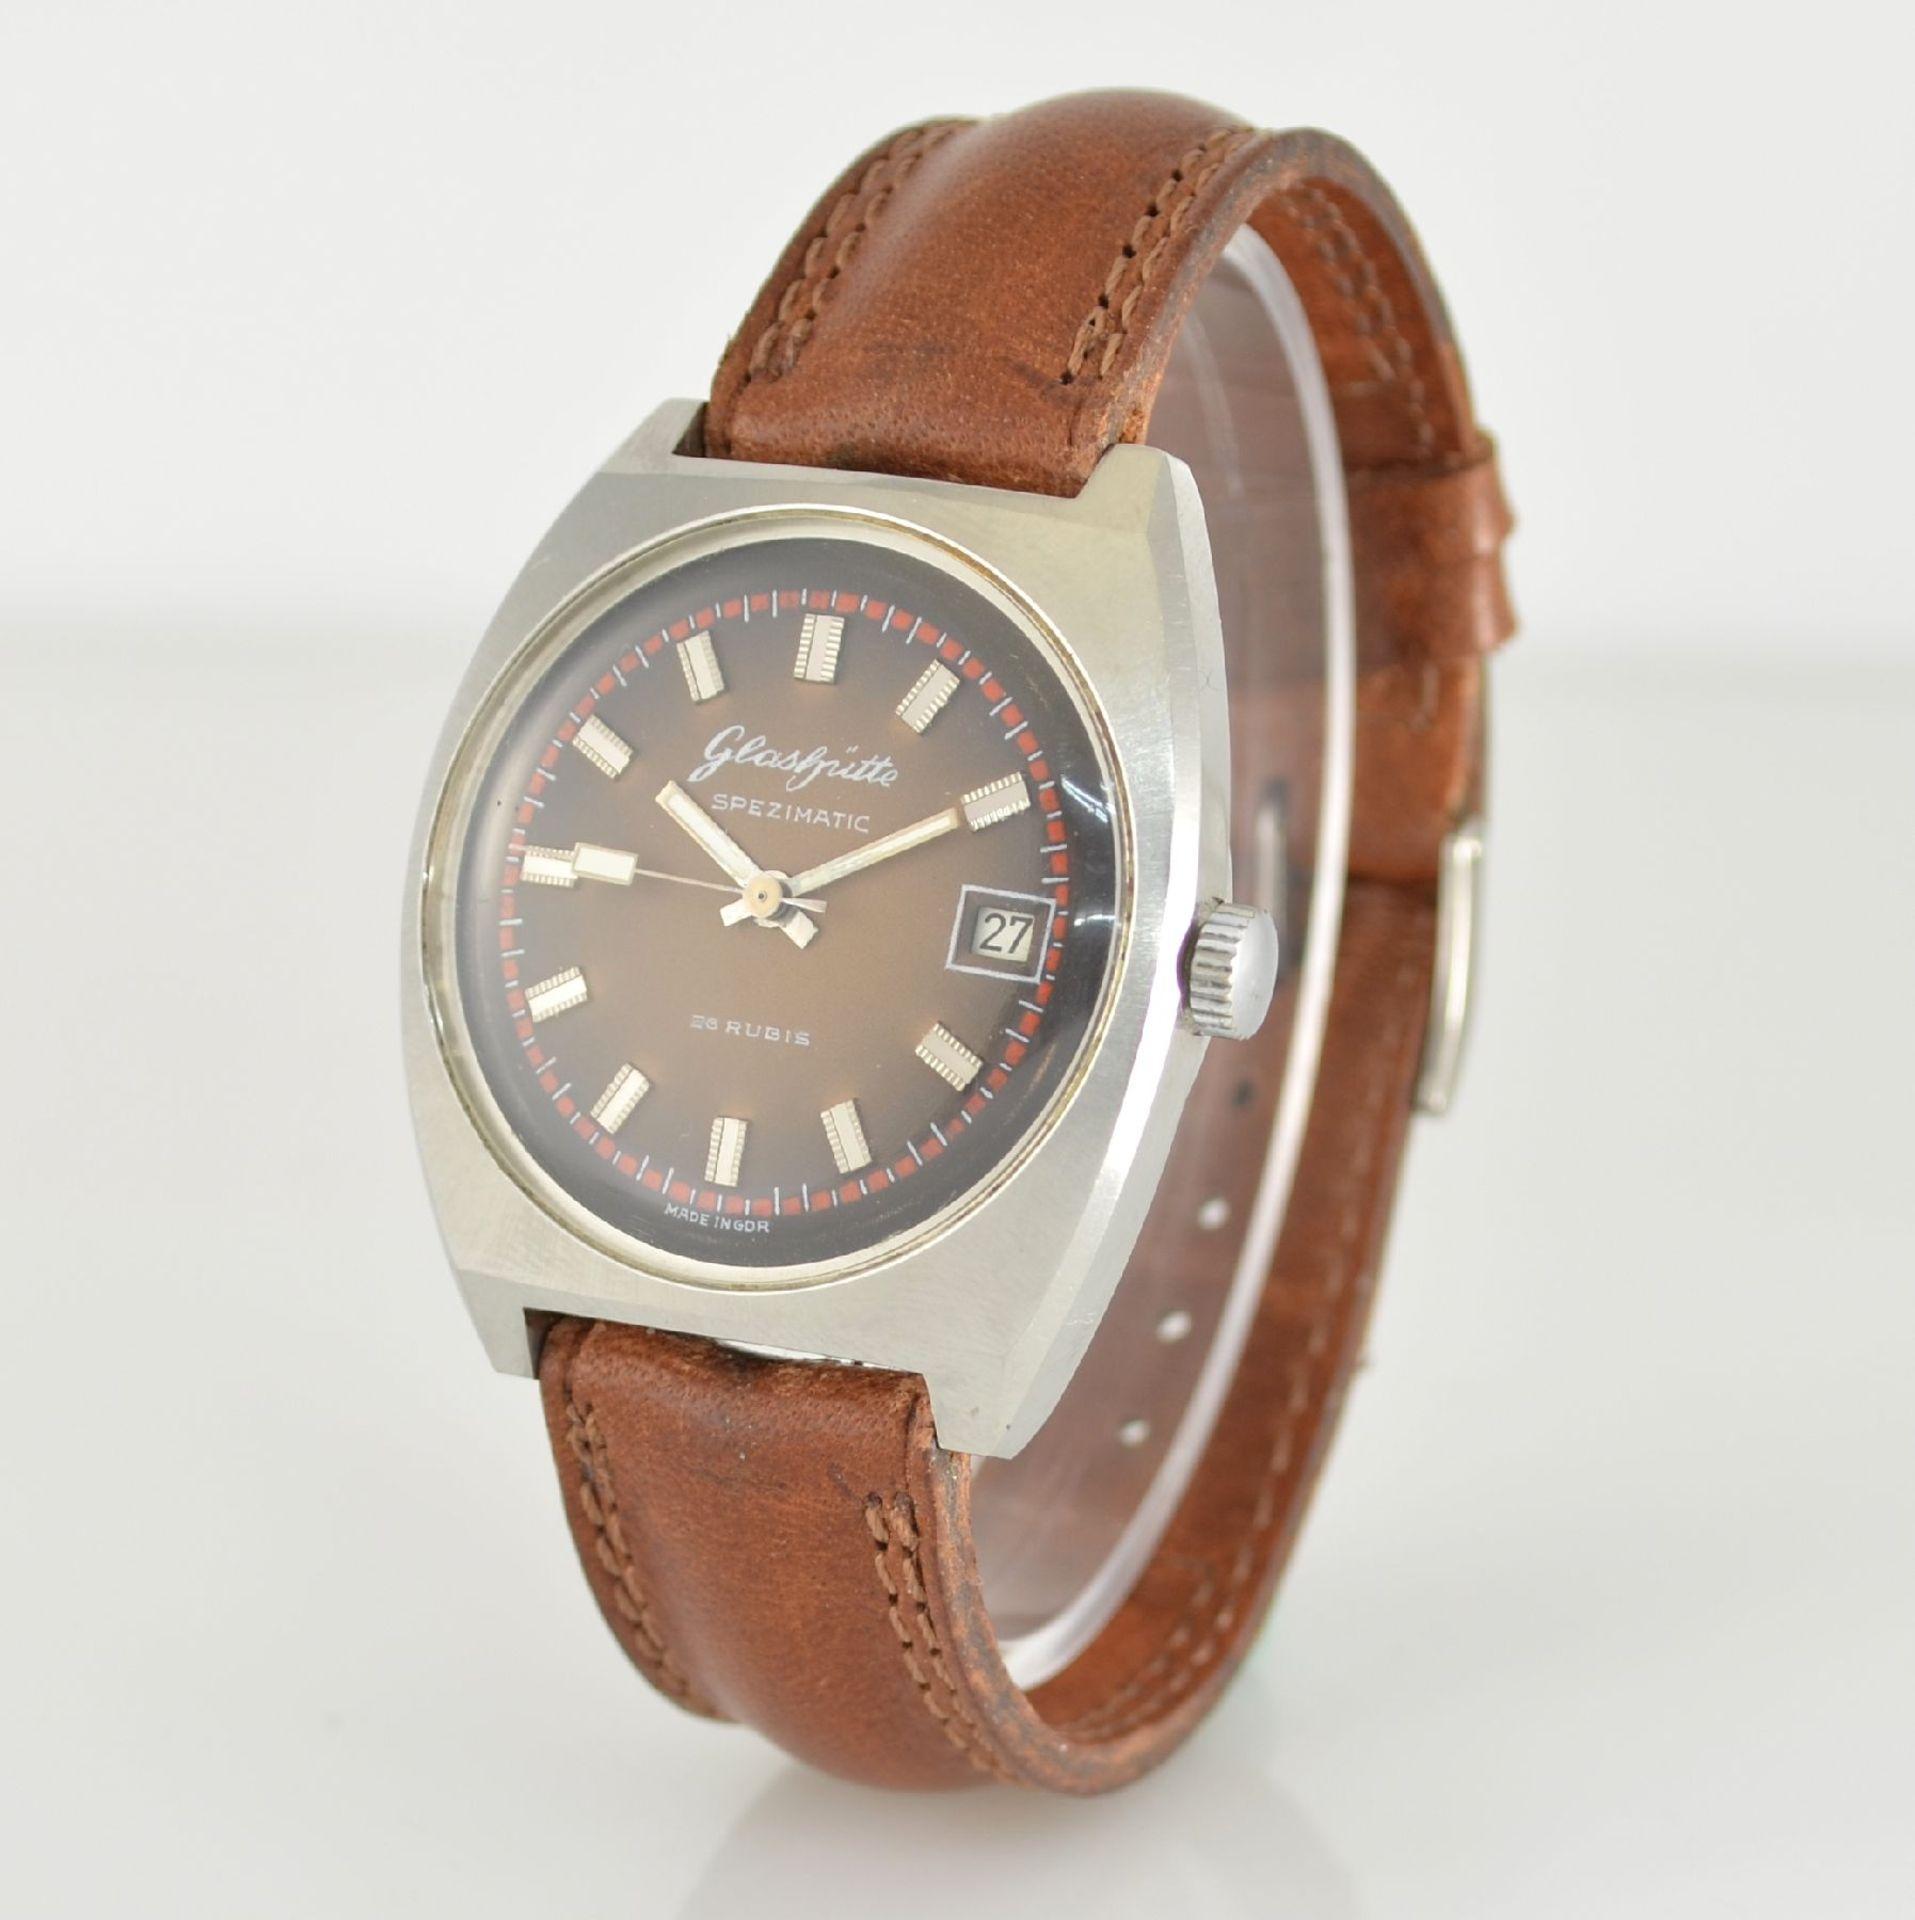 GLASHÜTTE Armbanduhr Spezimatic in Edelstahl, Automatik, DDR um 1970, Boden aufgedr., ausgef. - Bild 3 aus 5